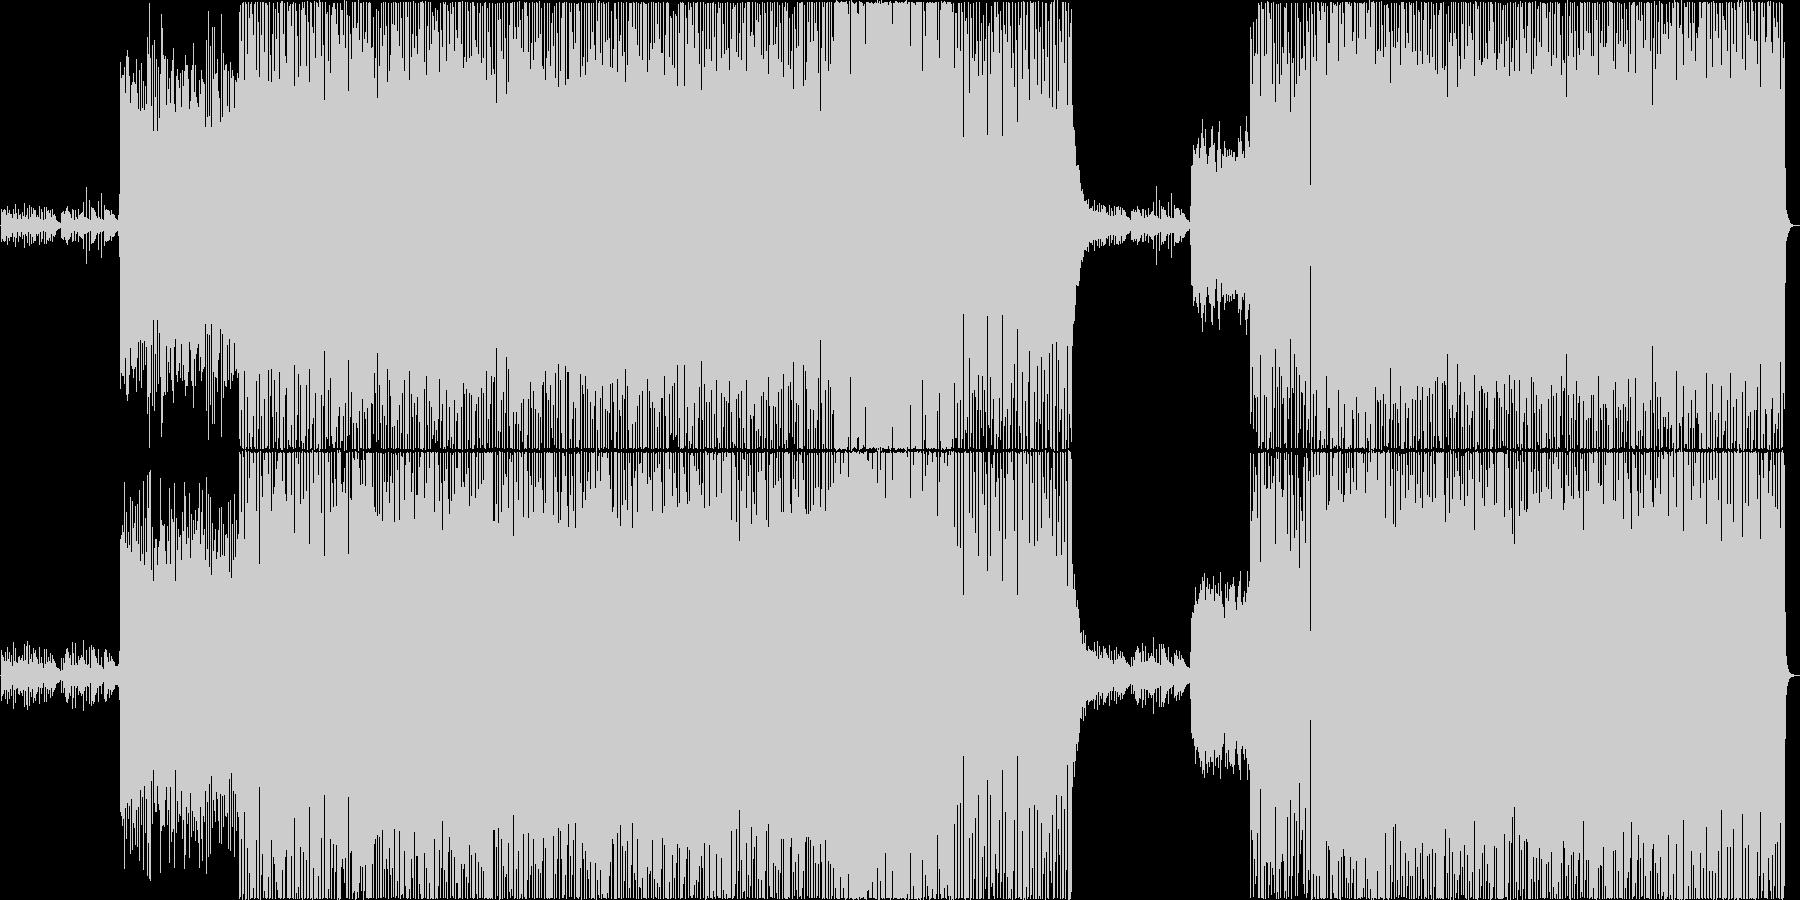 現代的でロックな戦闘曲/ピアノの未再生の波形